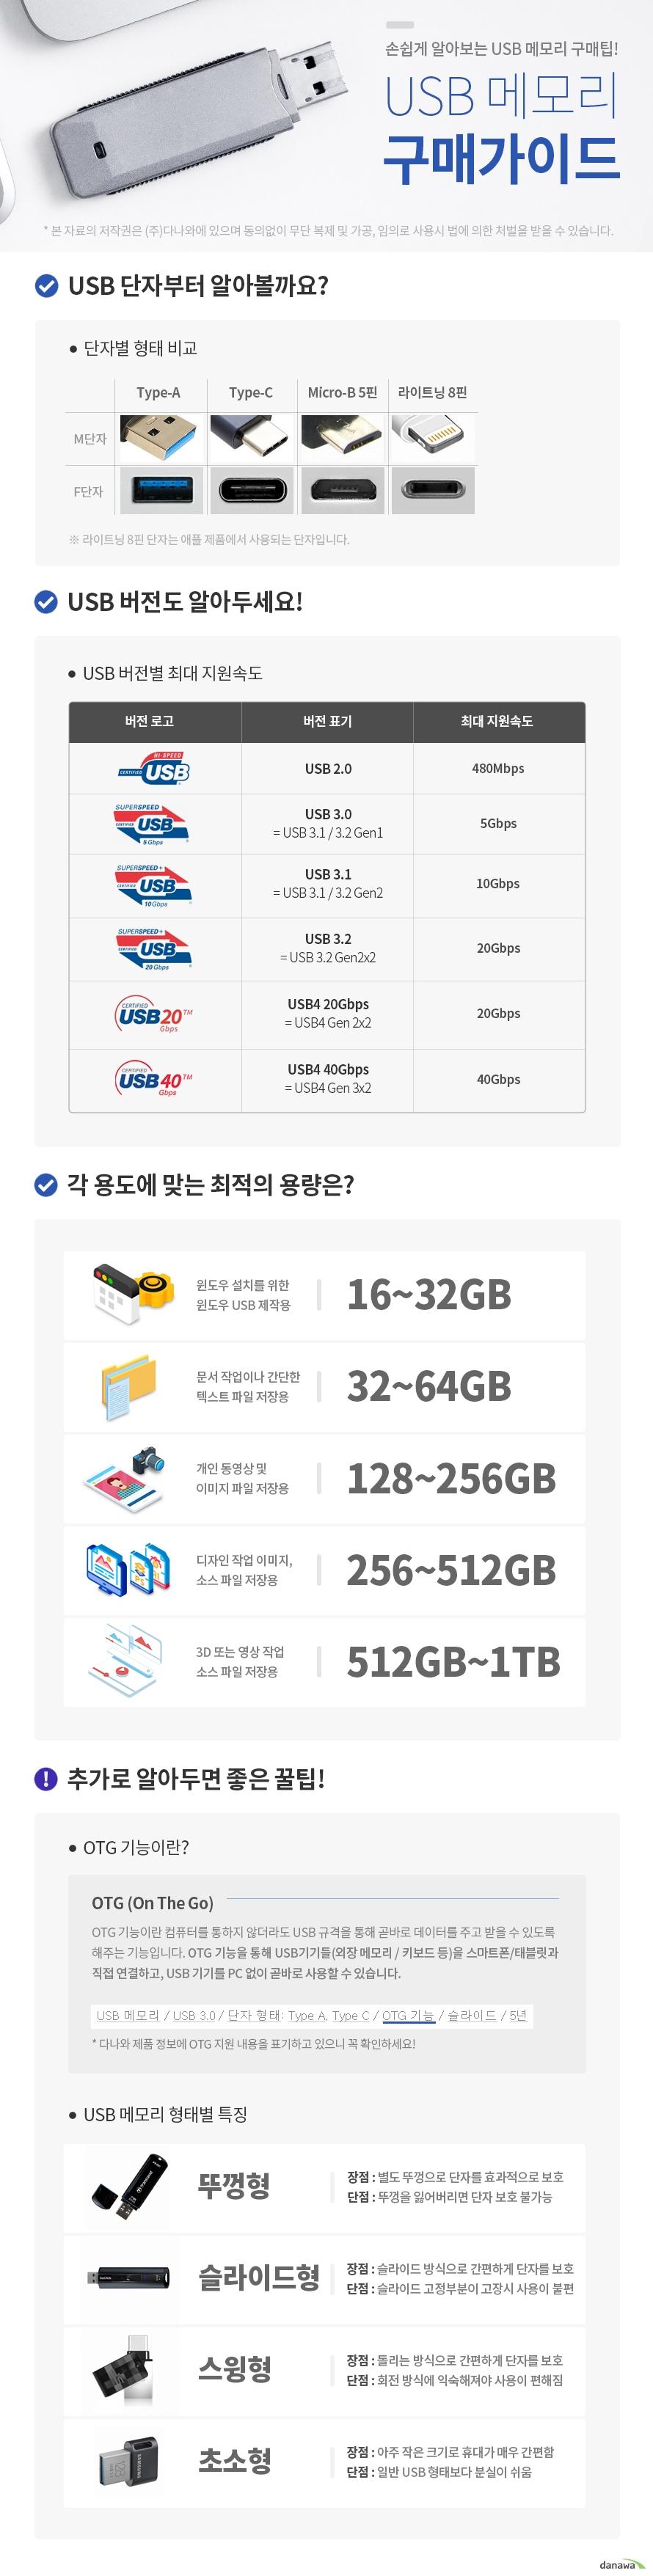 메모렛 스윙 USB UL700 (8GB)